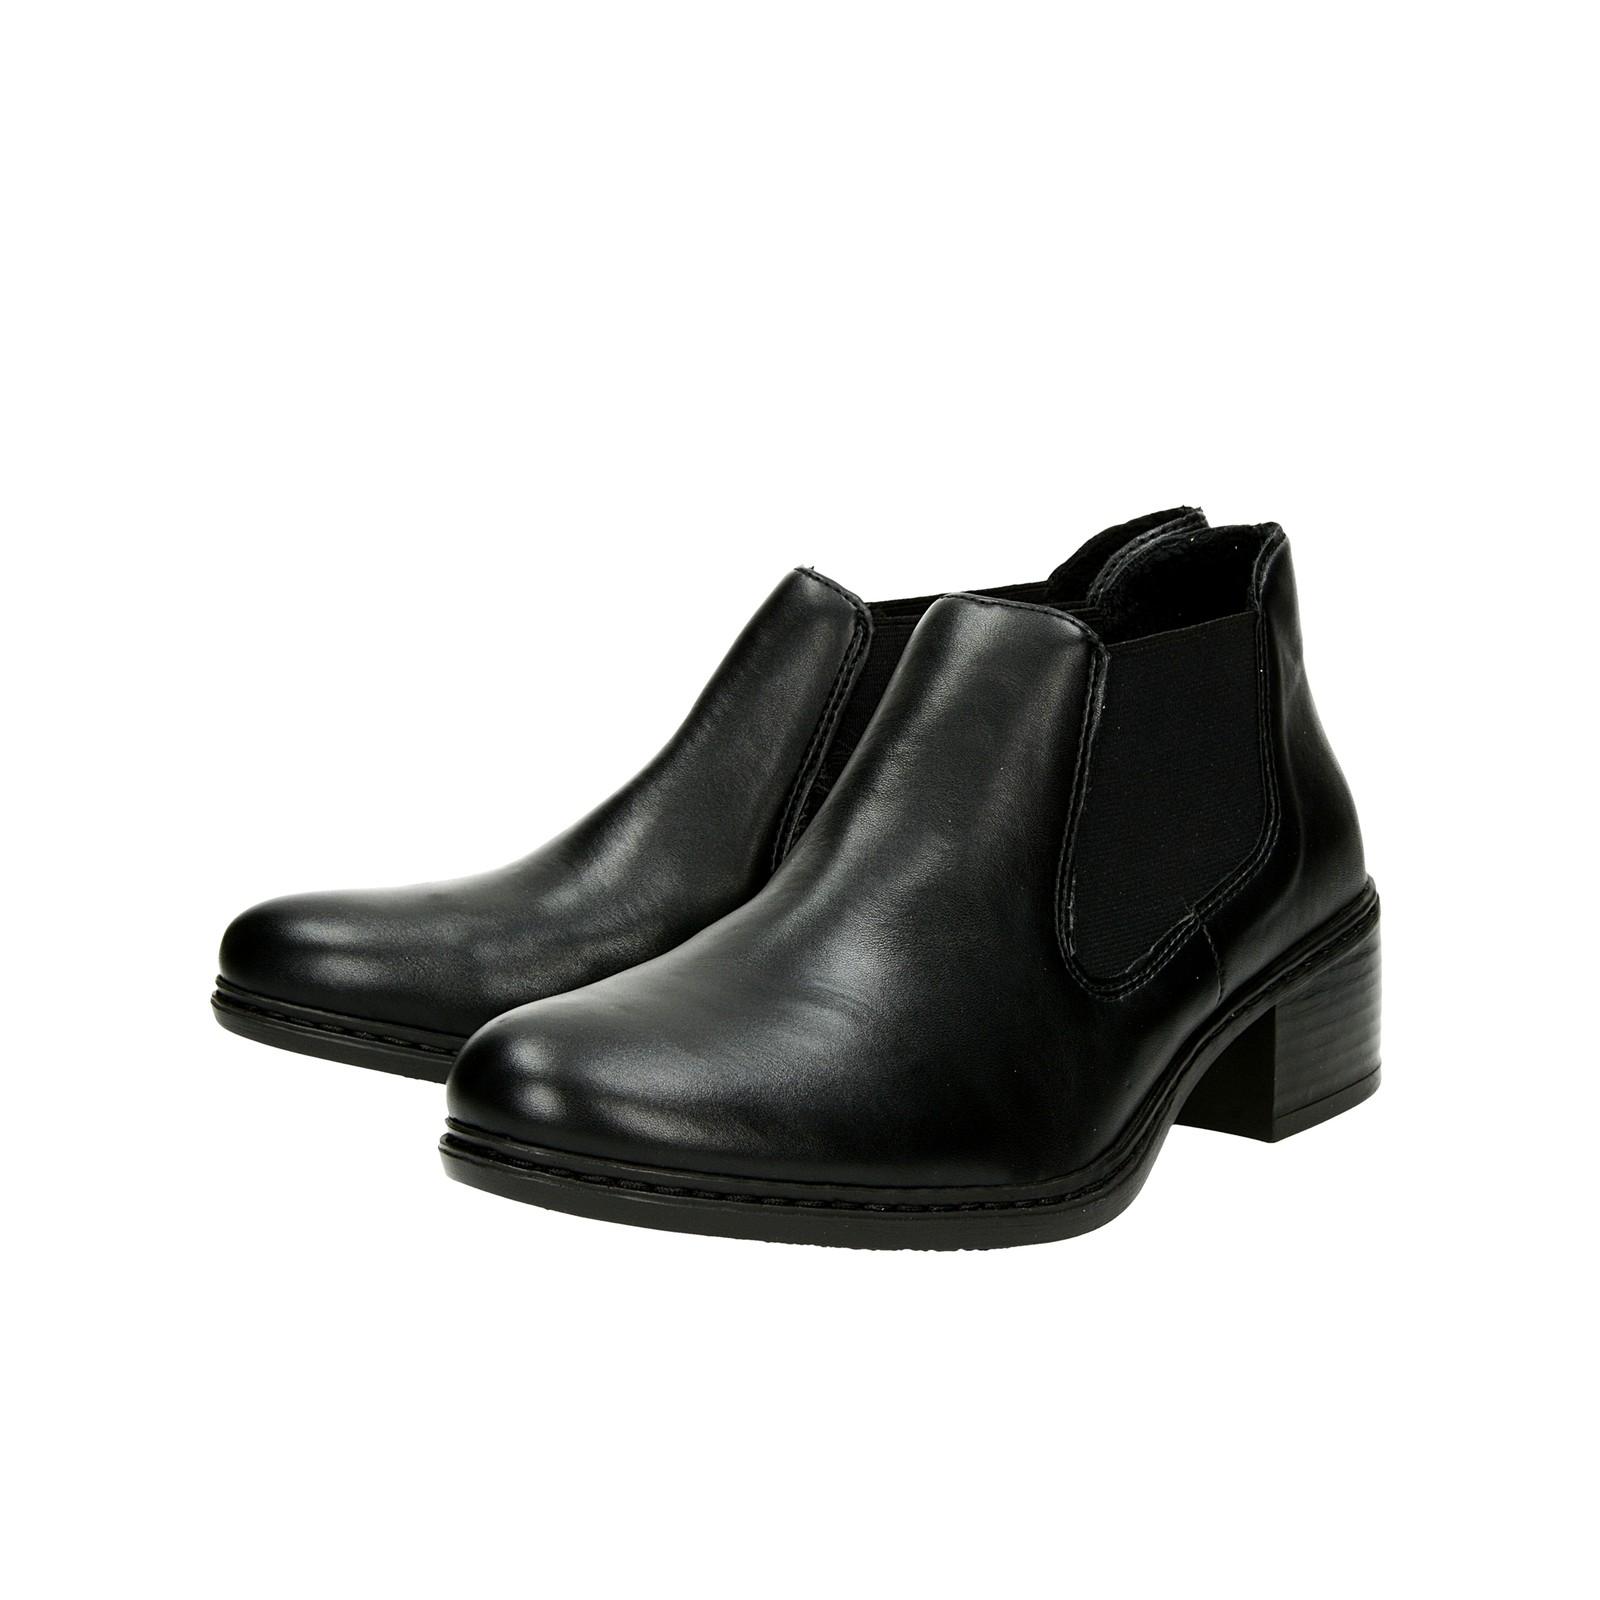 5b84a159bfc3 ... Rieker dámske pohodlné kotníky - čierne ...